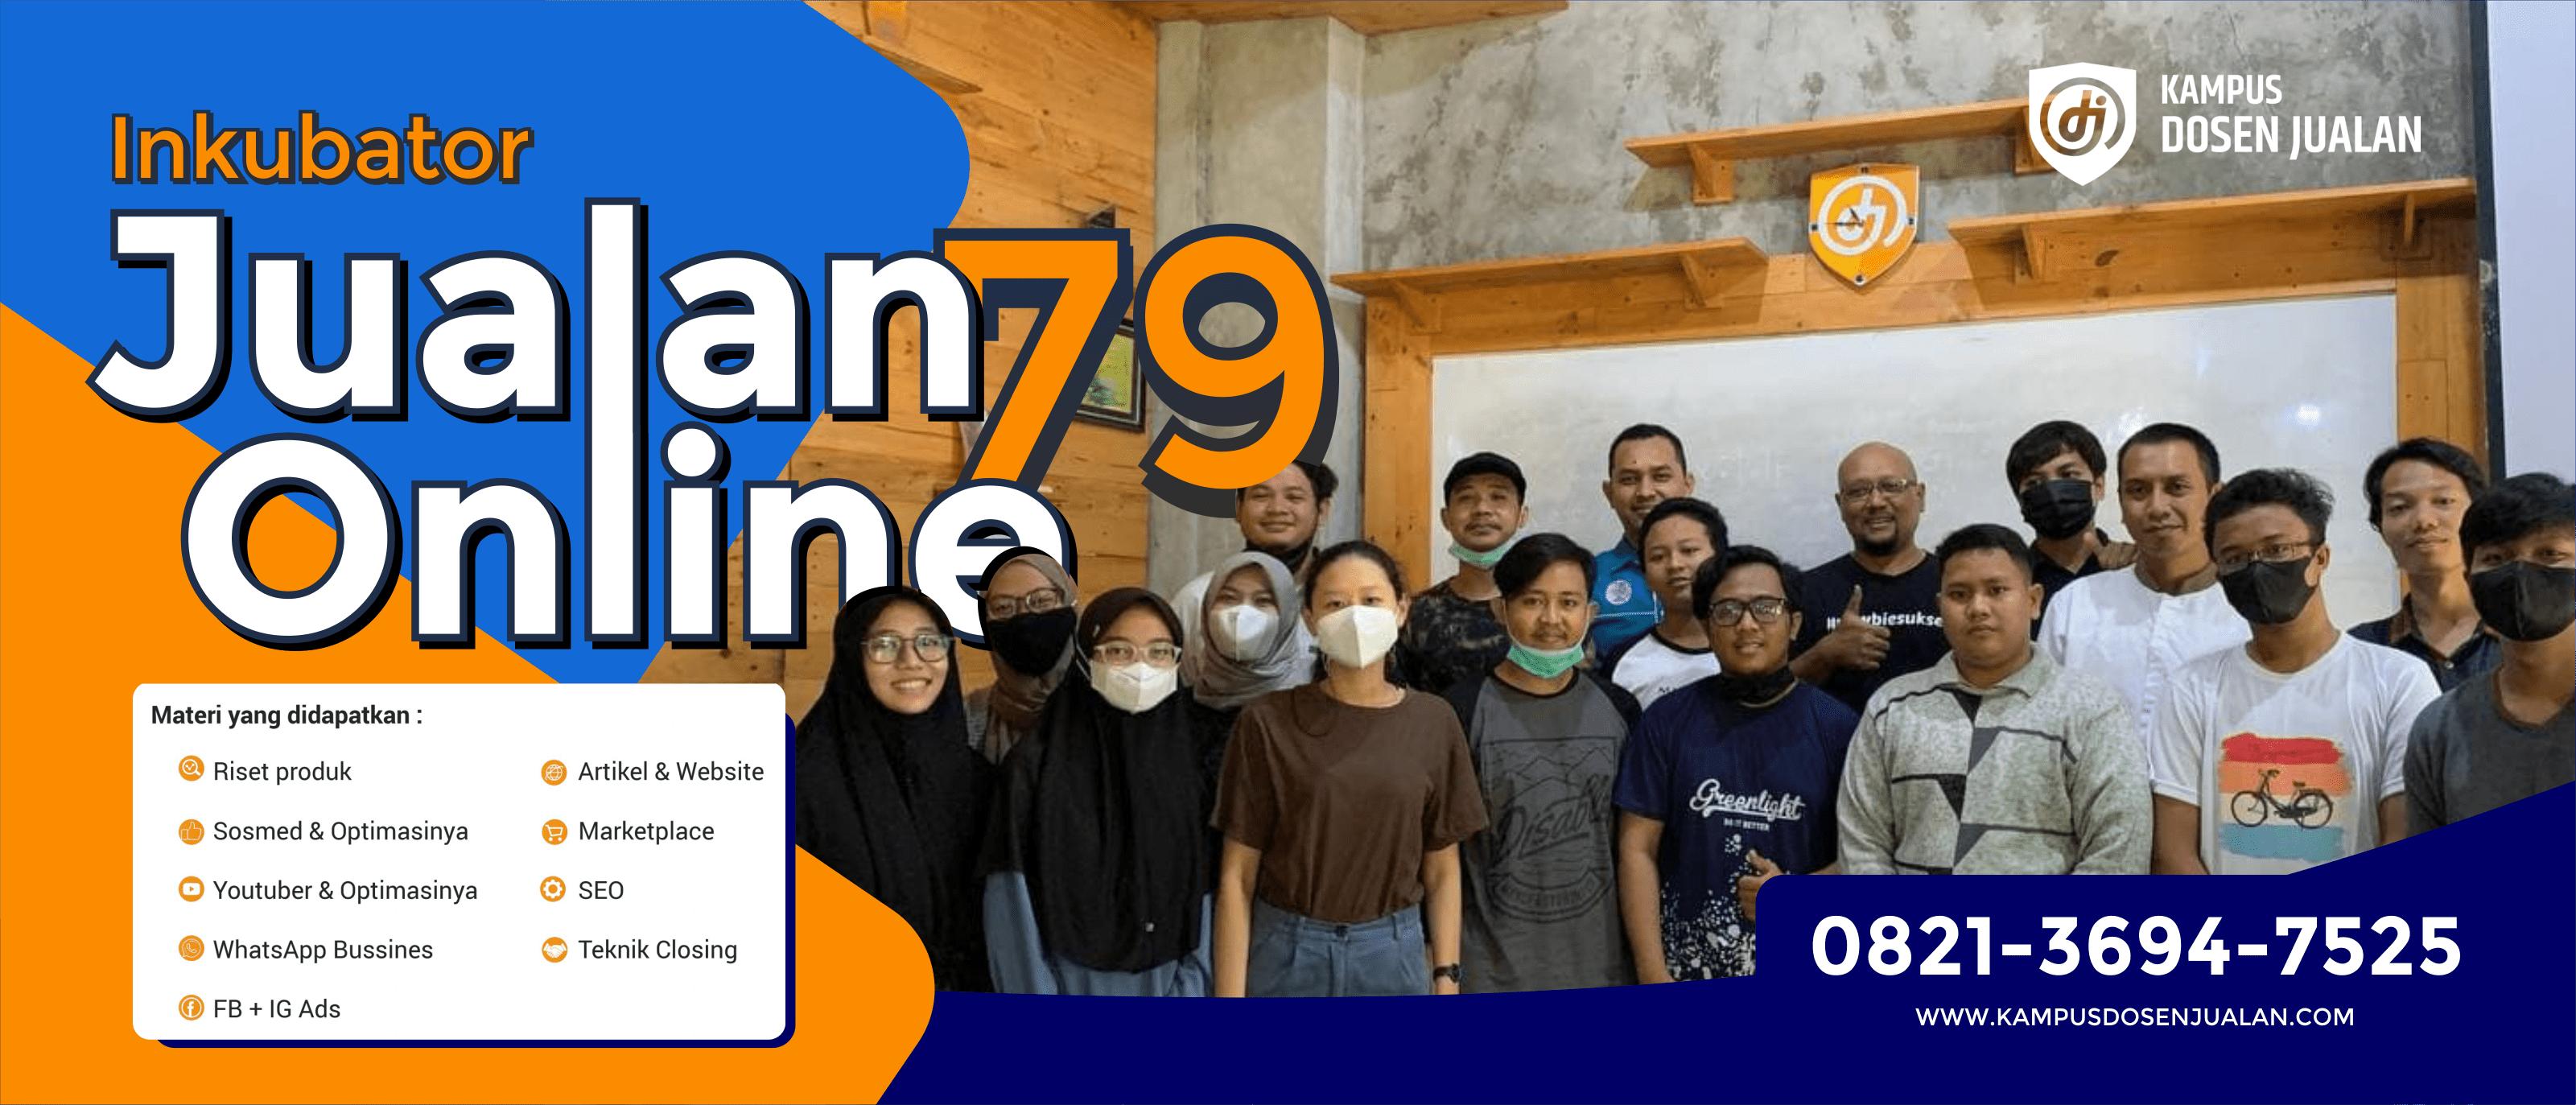 Inkubator Jualan Online 79